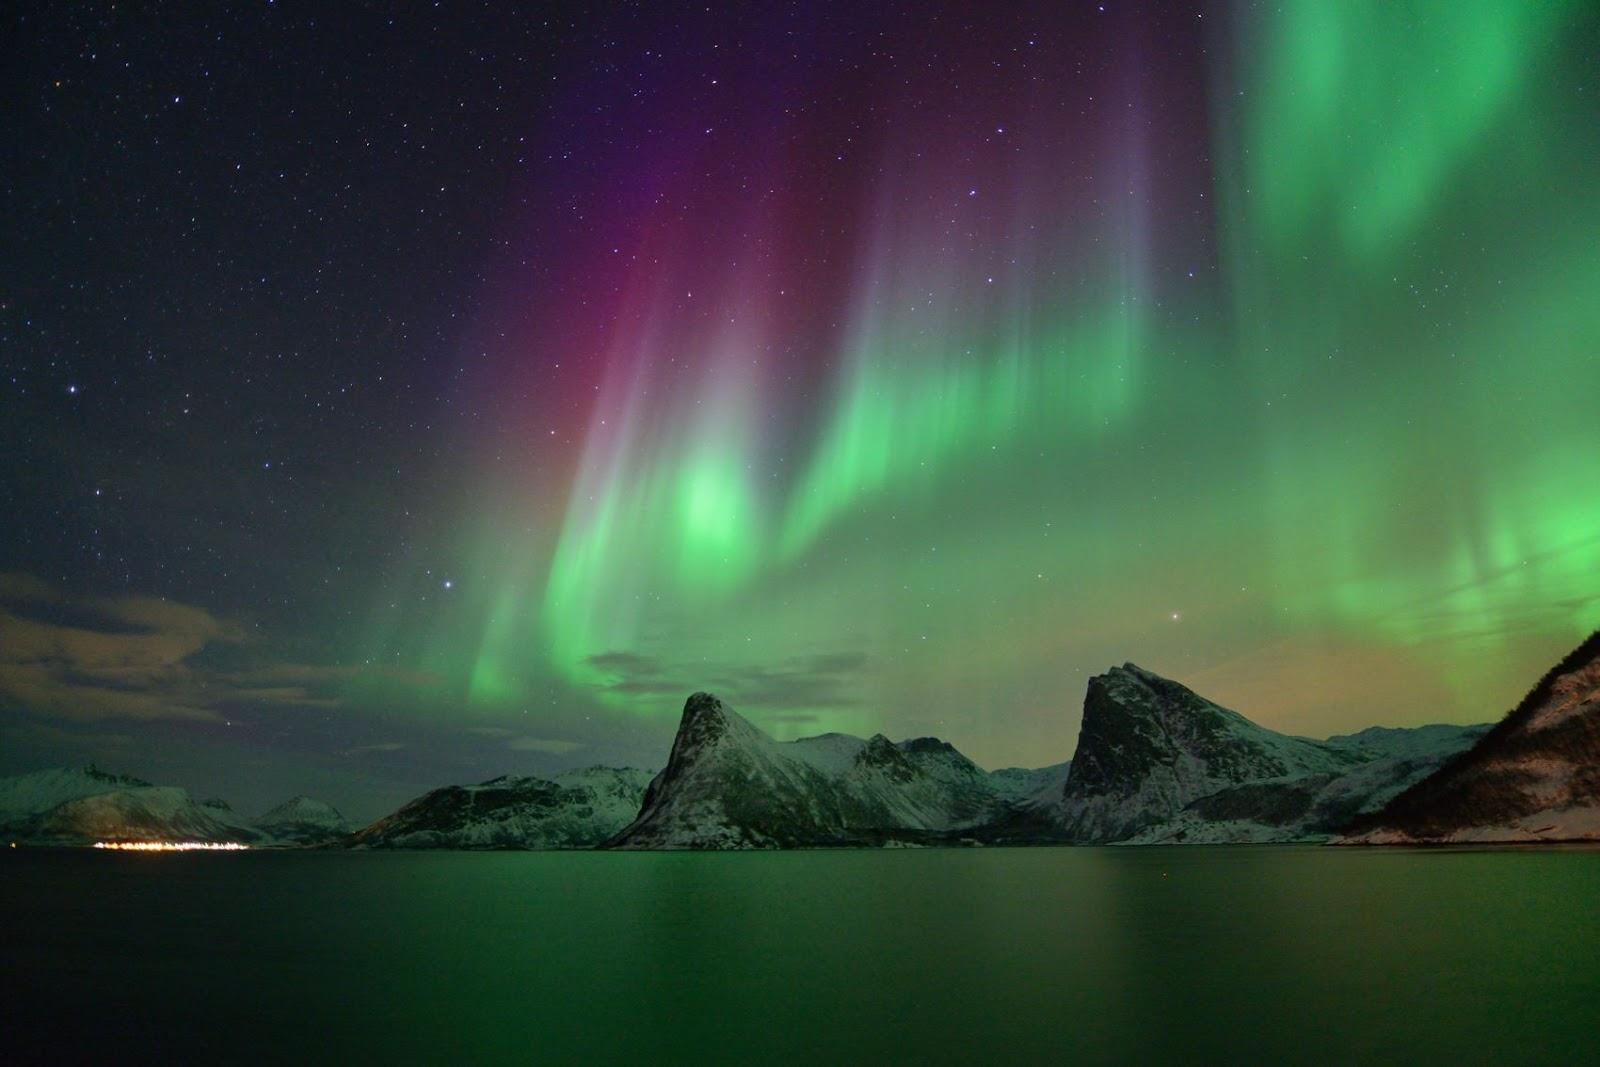 Zorza polarna sfotografowana 07.03.2016 r. - Credits: Hugo Løhre - północ Norwegii